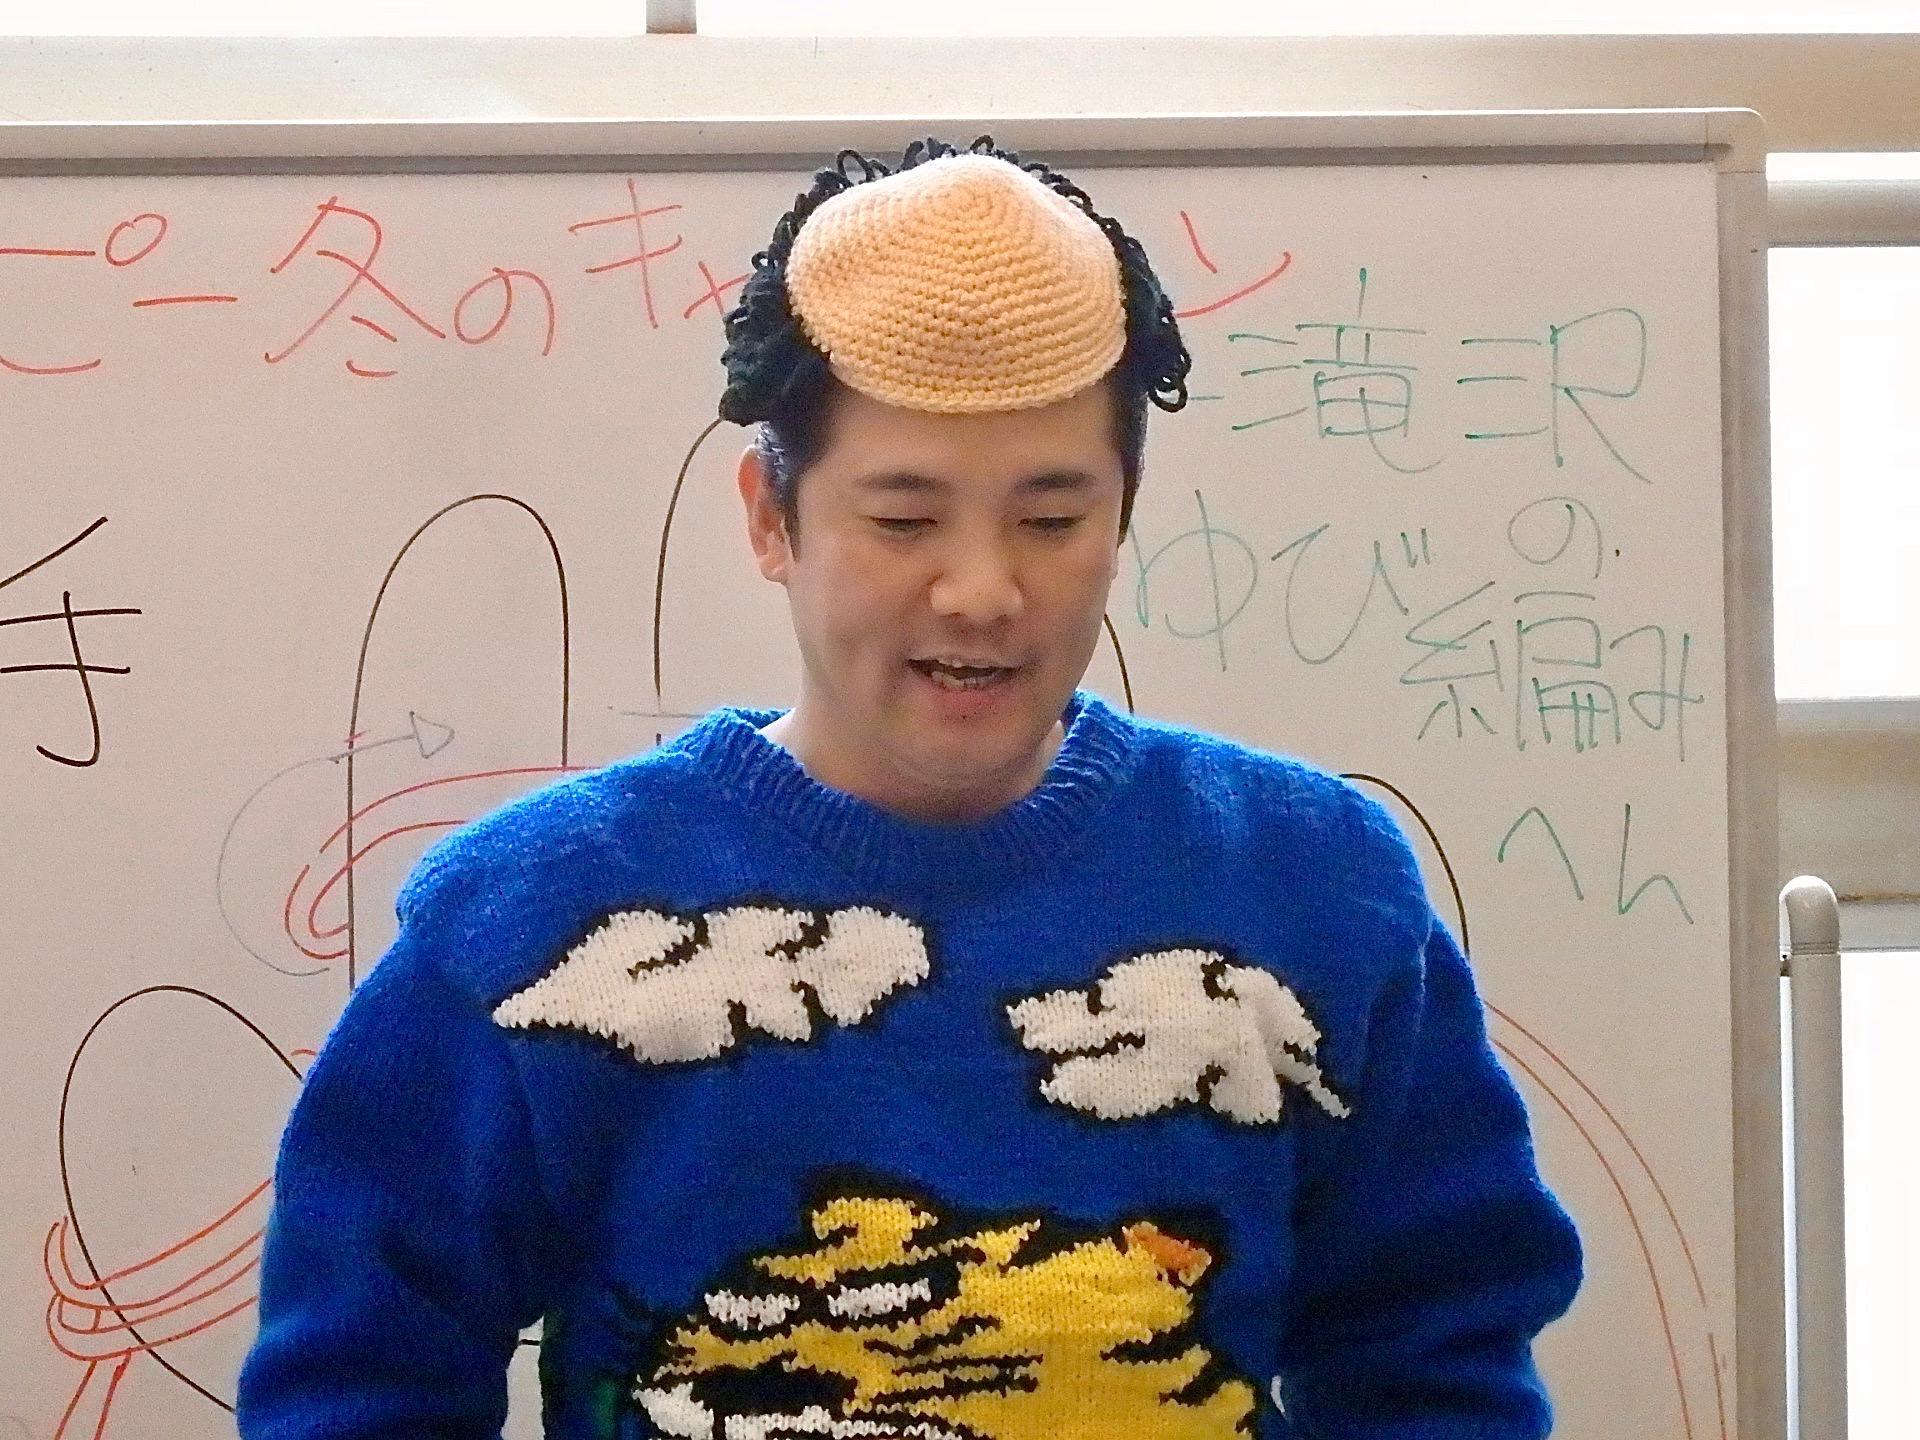 http://news.yoshimoto.co.jp/20180215065555-aa03bf83b0a59d1145a04655345ce9c895b5050b.jpg